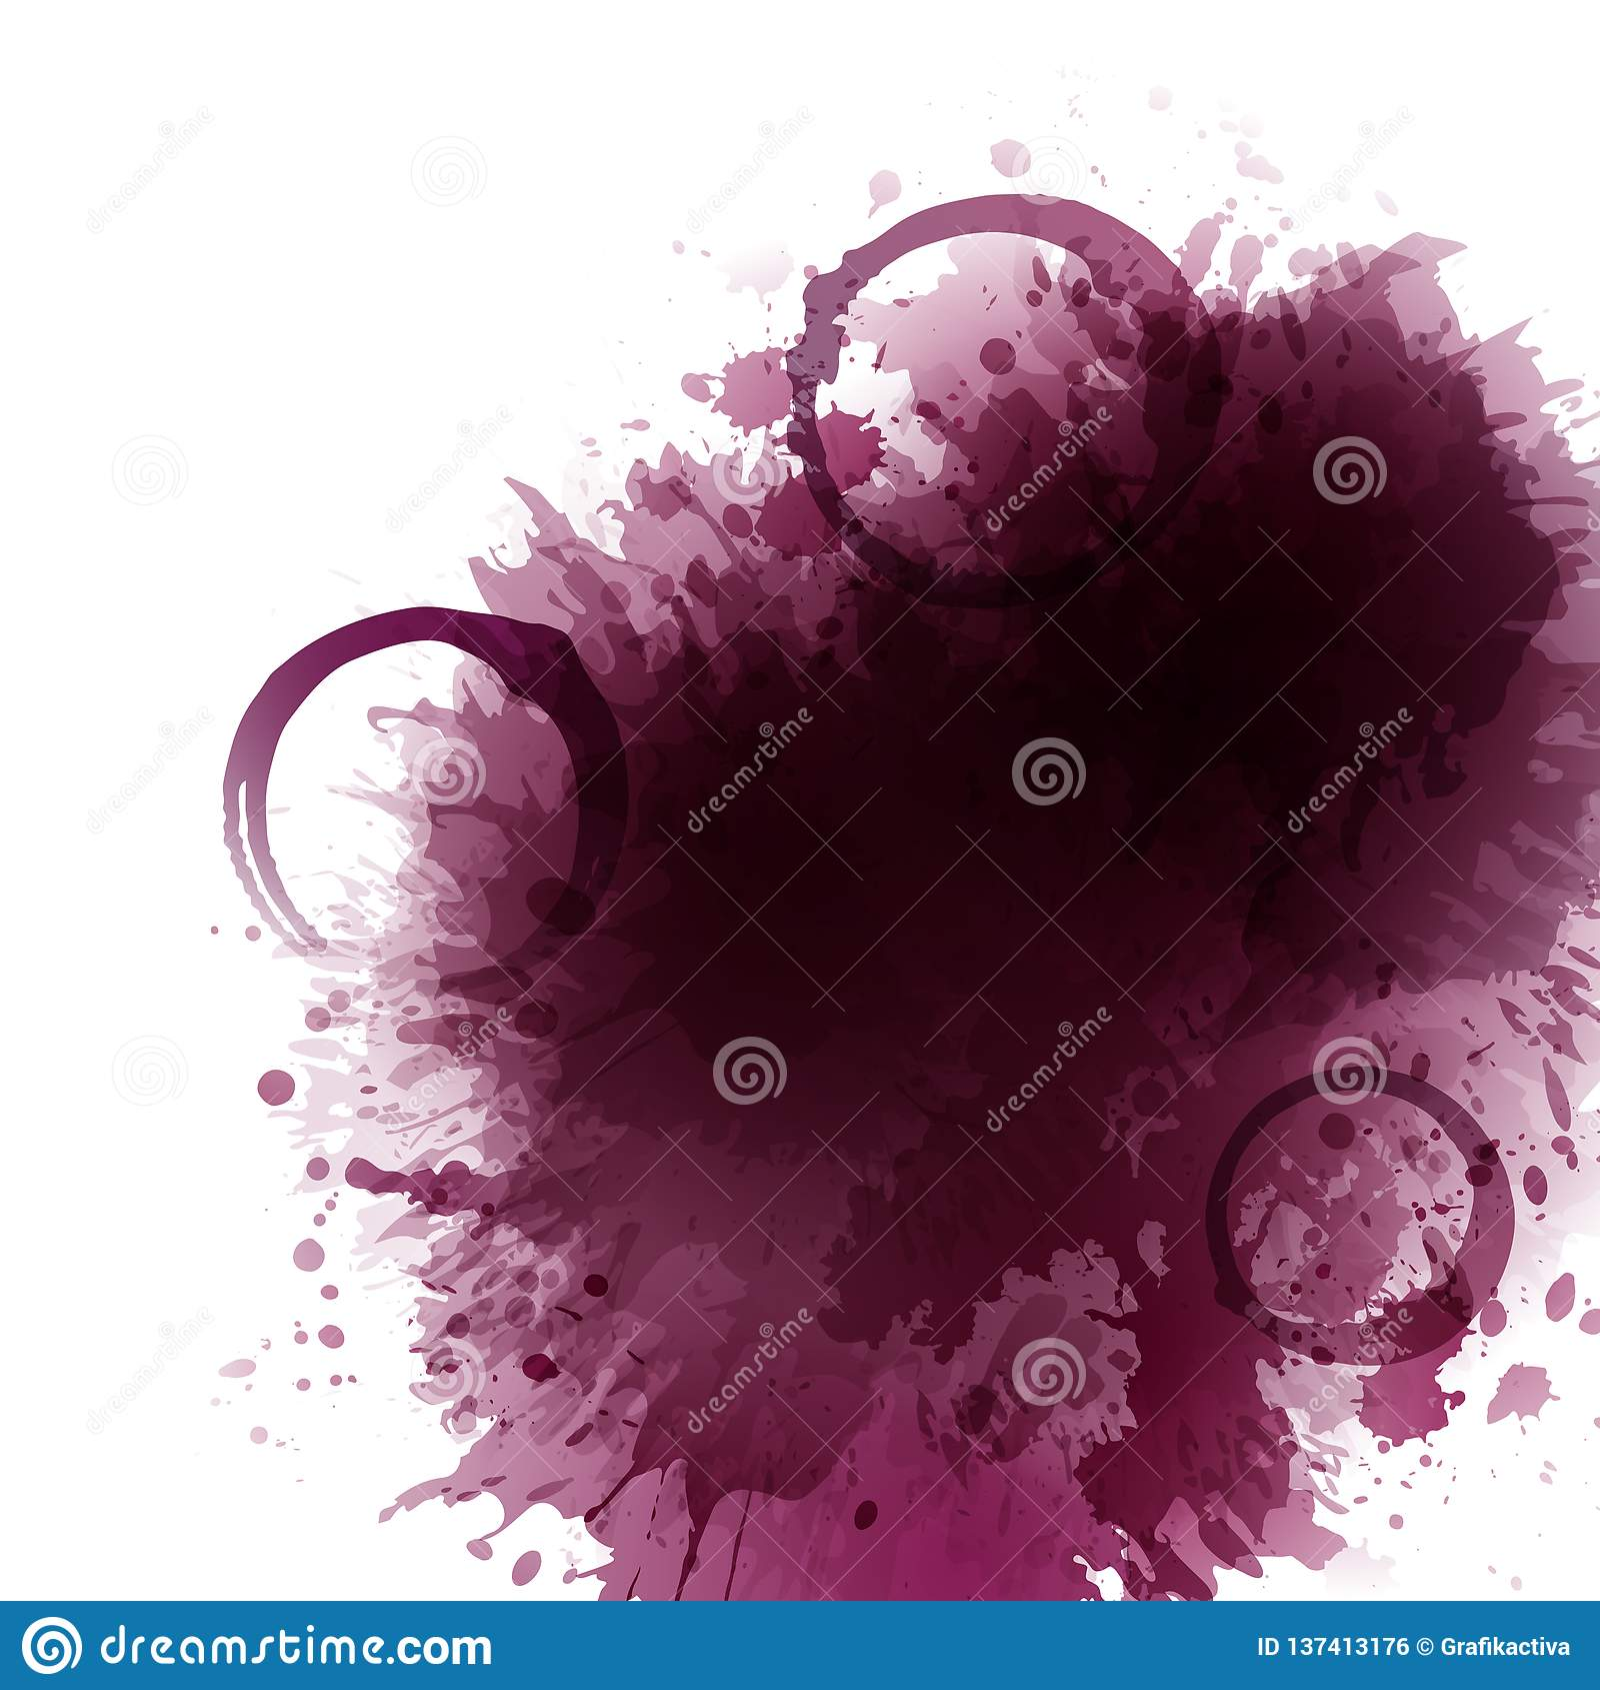 Fundo com manchas do vinho, pontos, vinho tinto das gotas Manchas dos vidros de vinho Fundo para bandeiras e cartazes relativos à